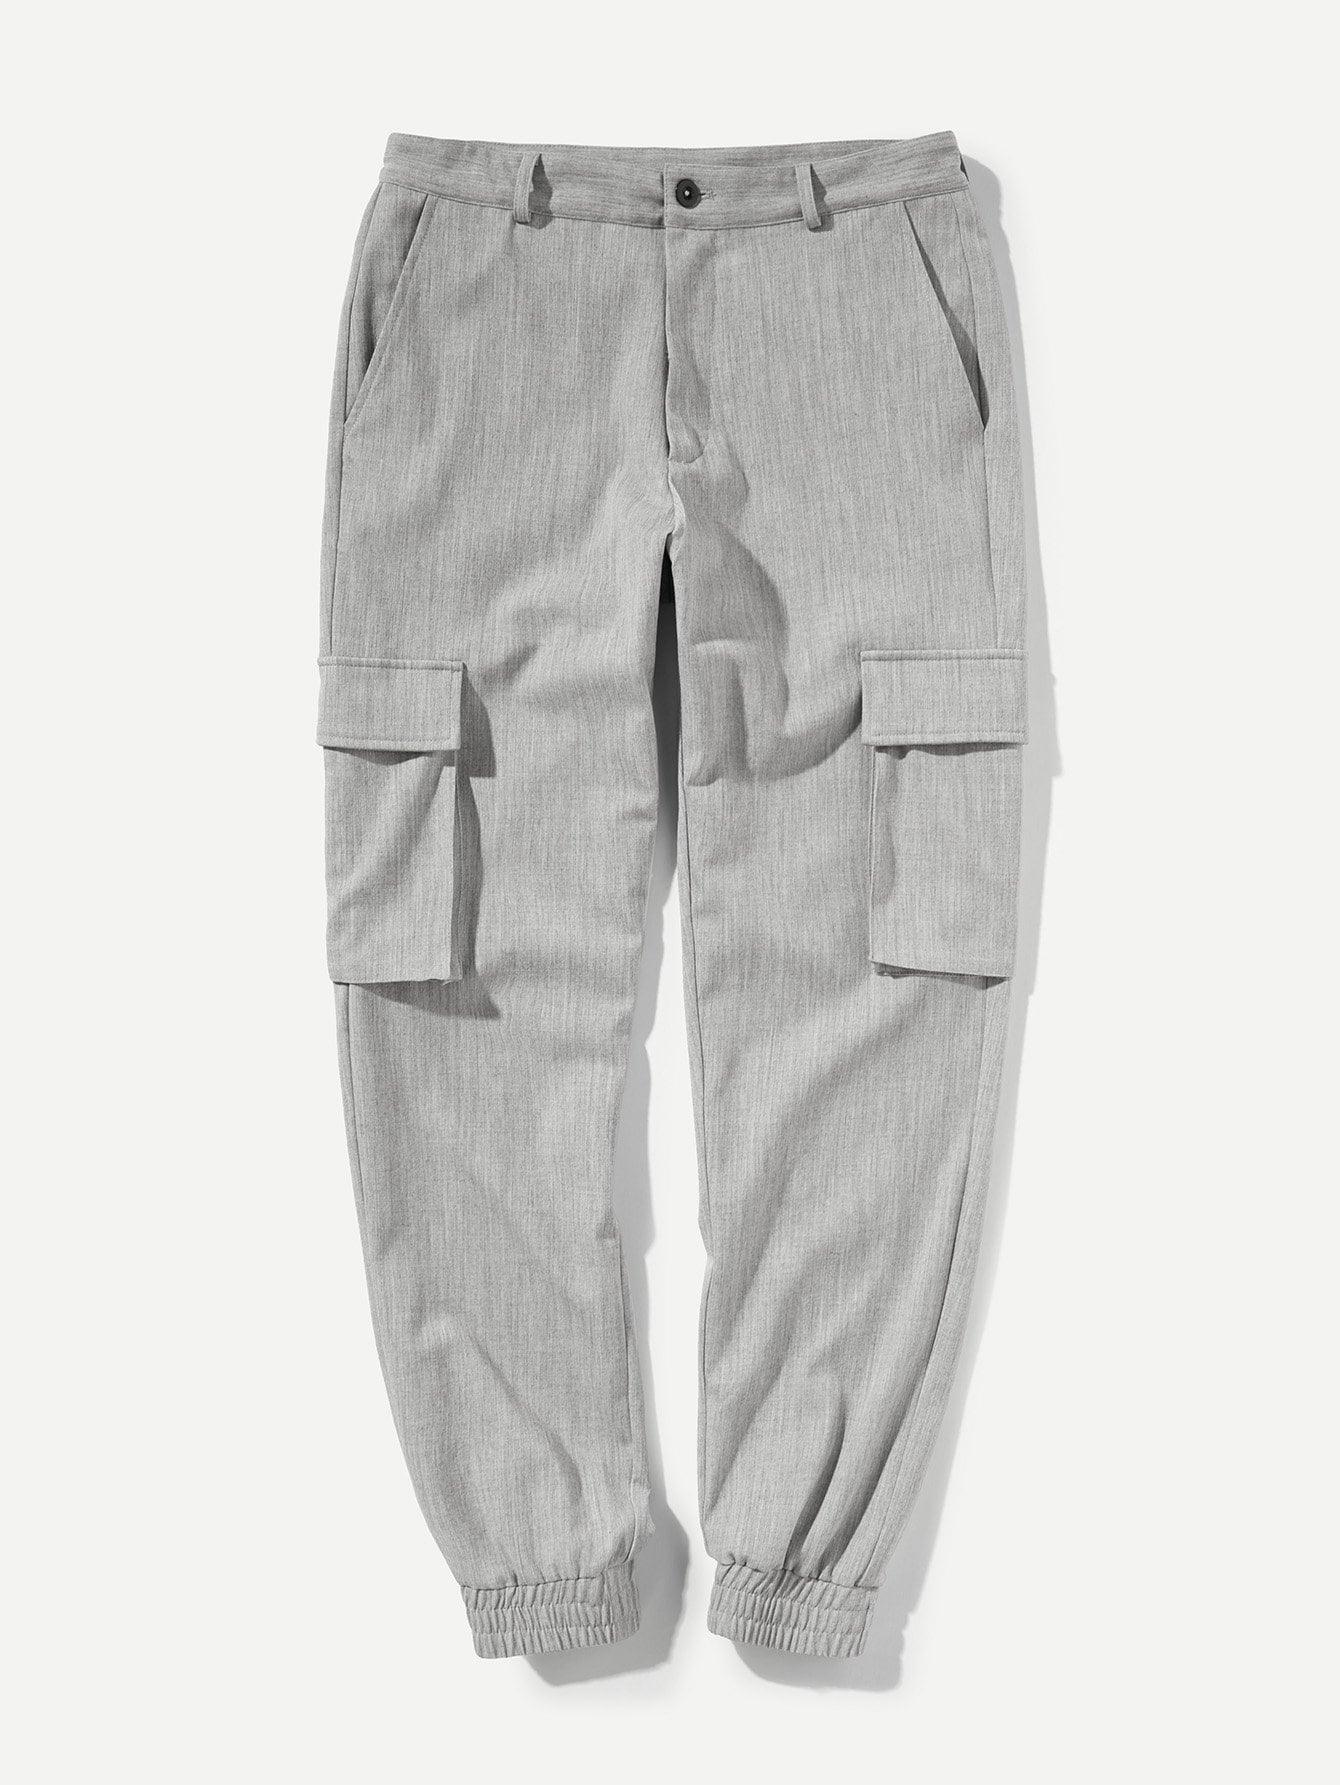 Купить Конусные брюки с украшением пуговицы и карманами по обе стороны для мужчины, null, SheIn